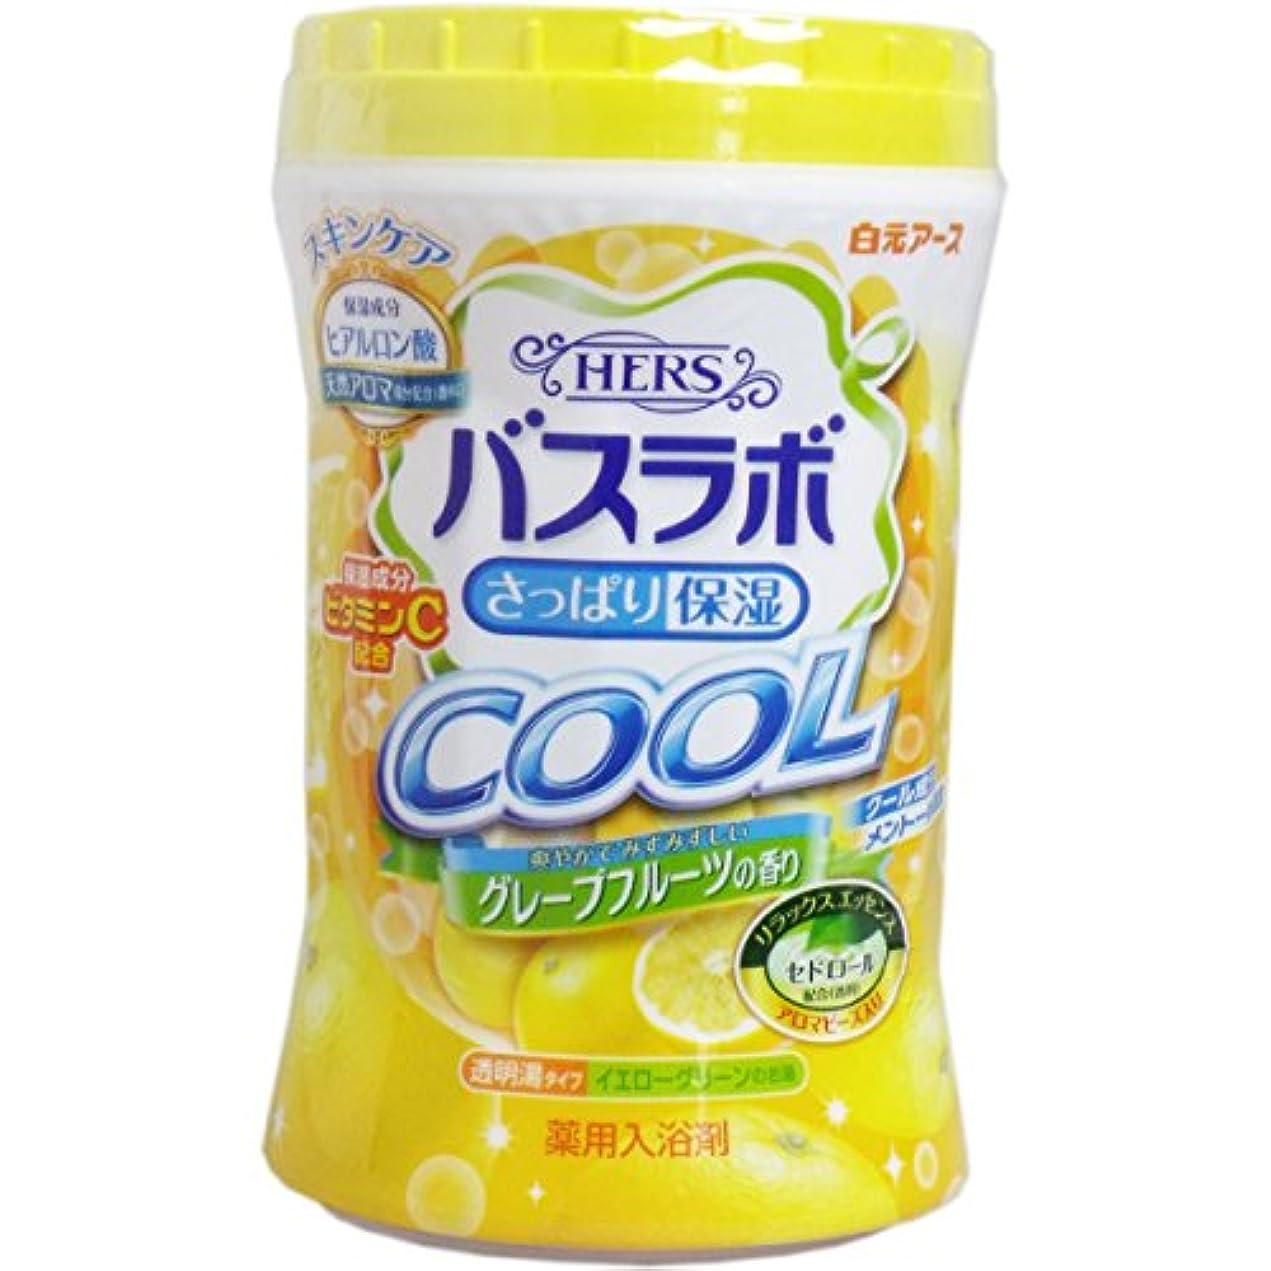 に頼る仲間、同僚反動HERSバスラボ ボトル クール グレープフルーツの香り 640g